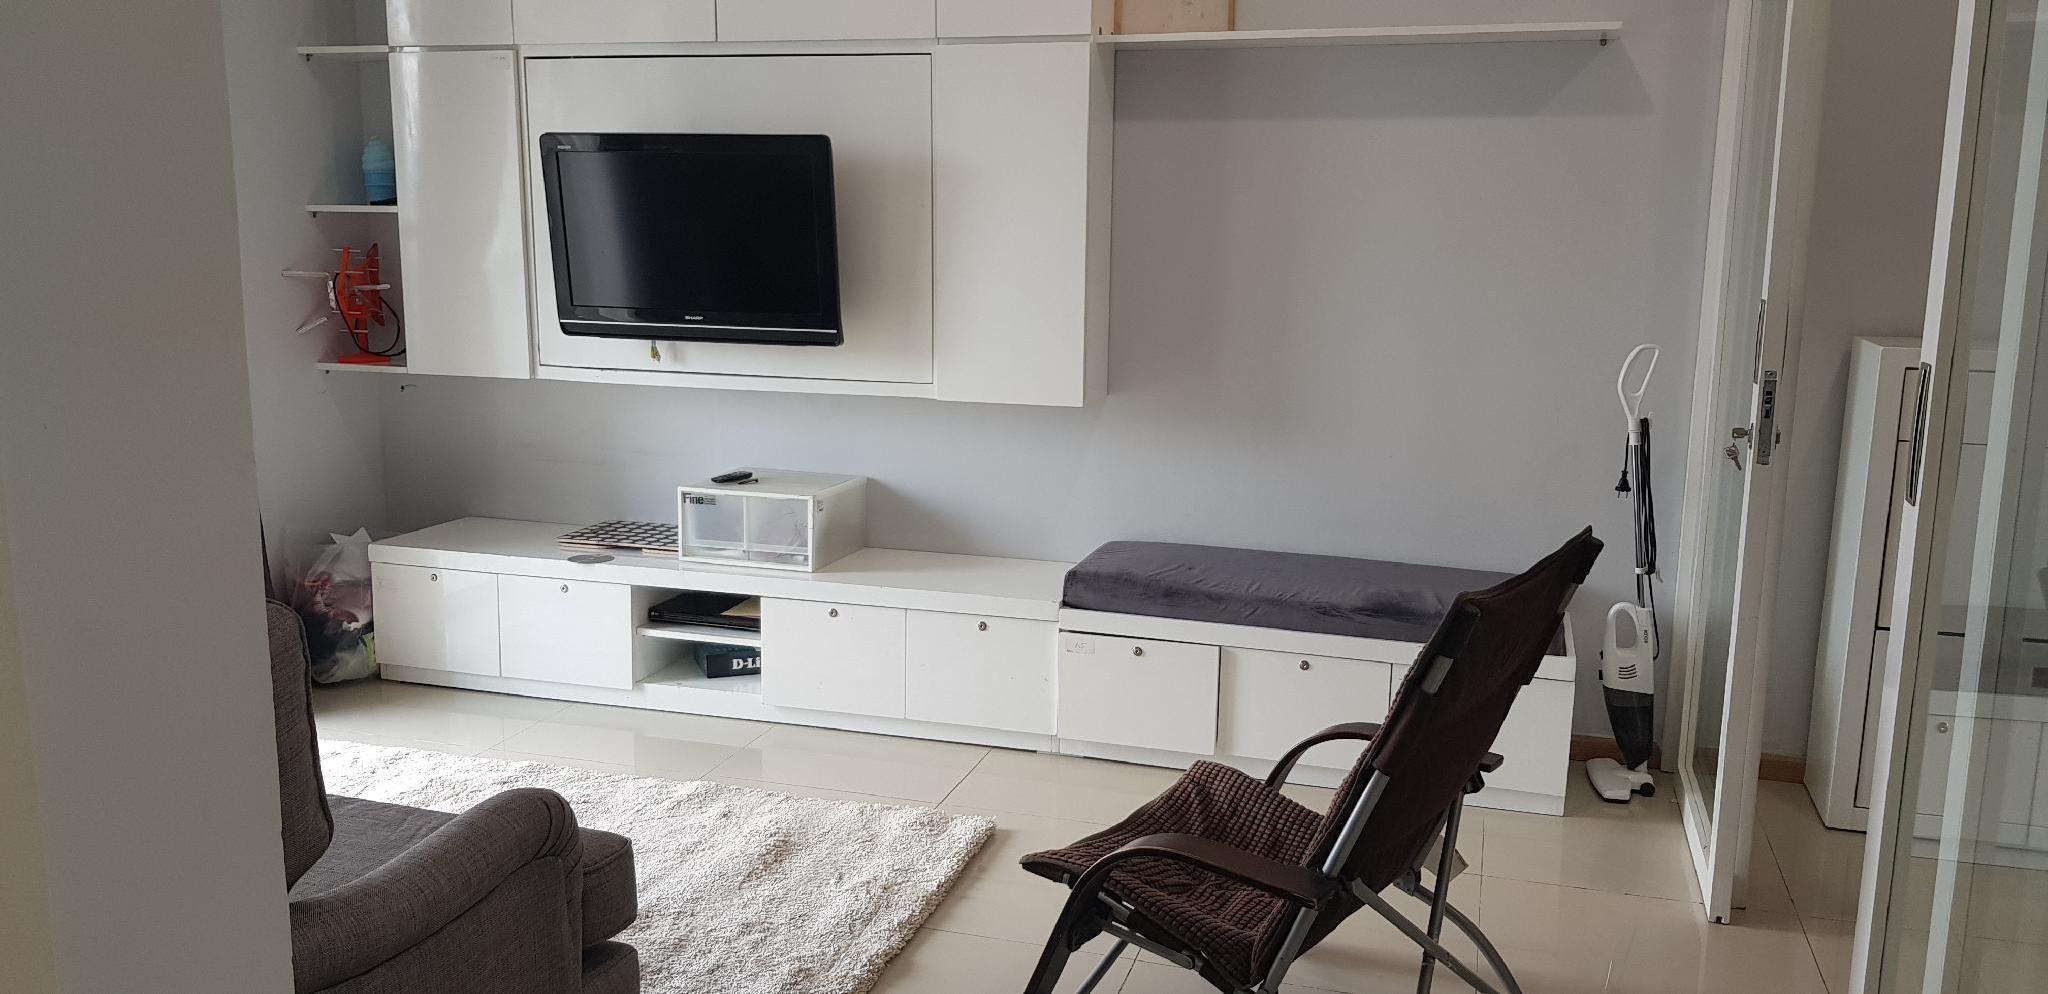 Cozy Apartment Next To Mal Kokas And CBD